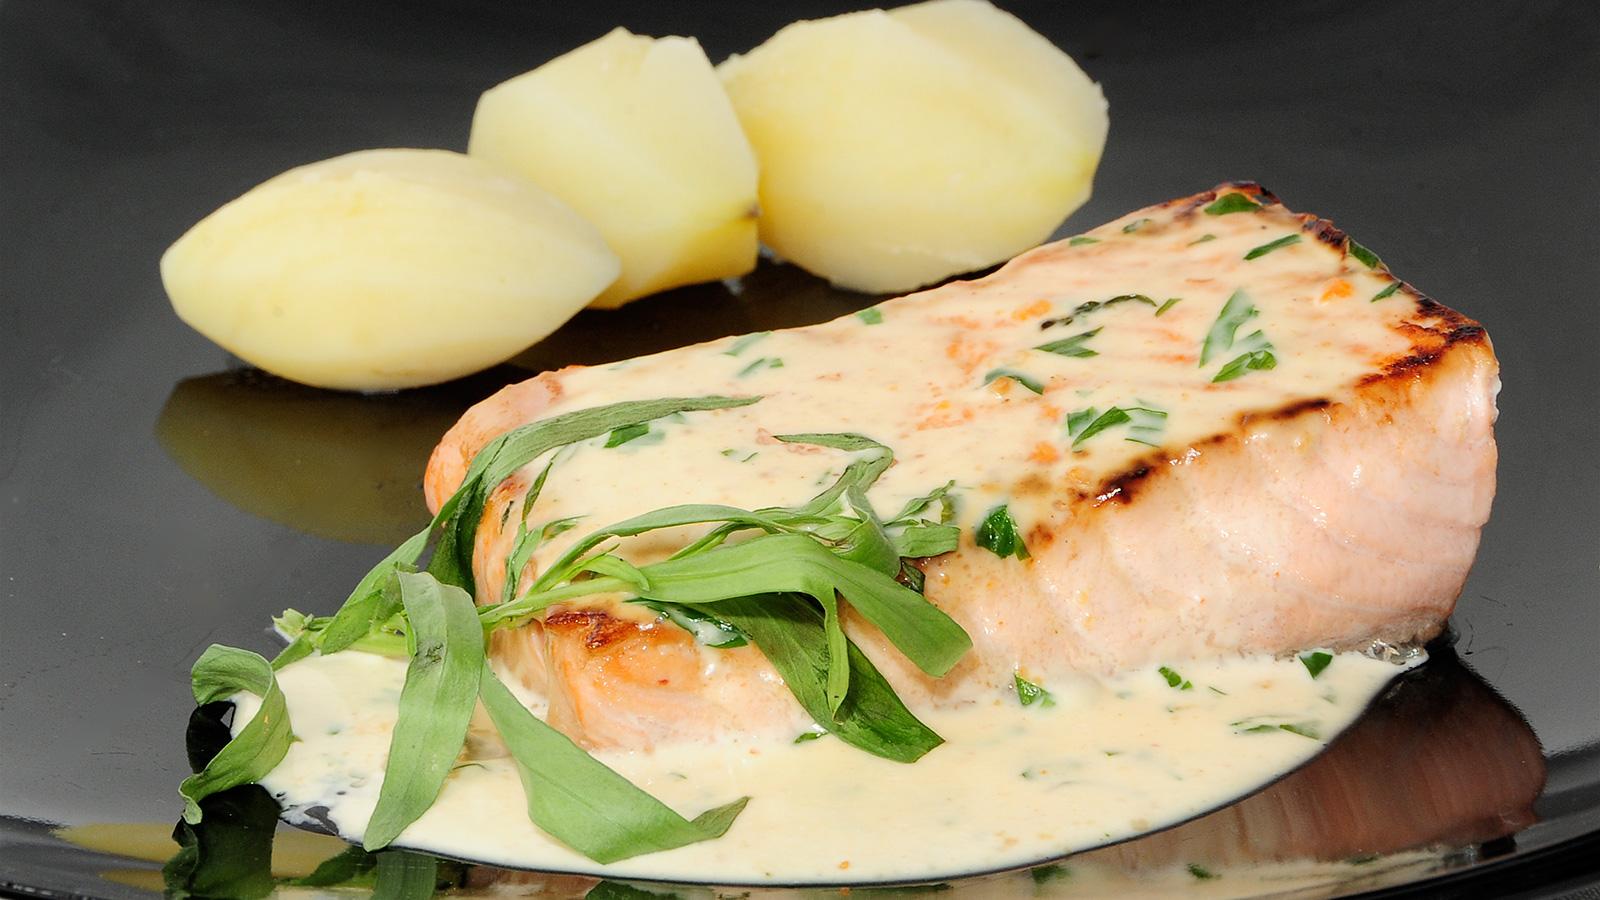 Filetes de salm n con salsa de estrag n evelyne ramelet for Cocina francesa canal cocina